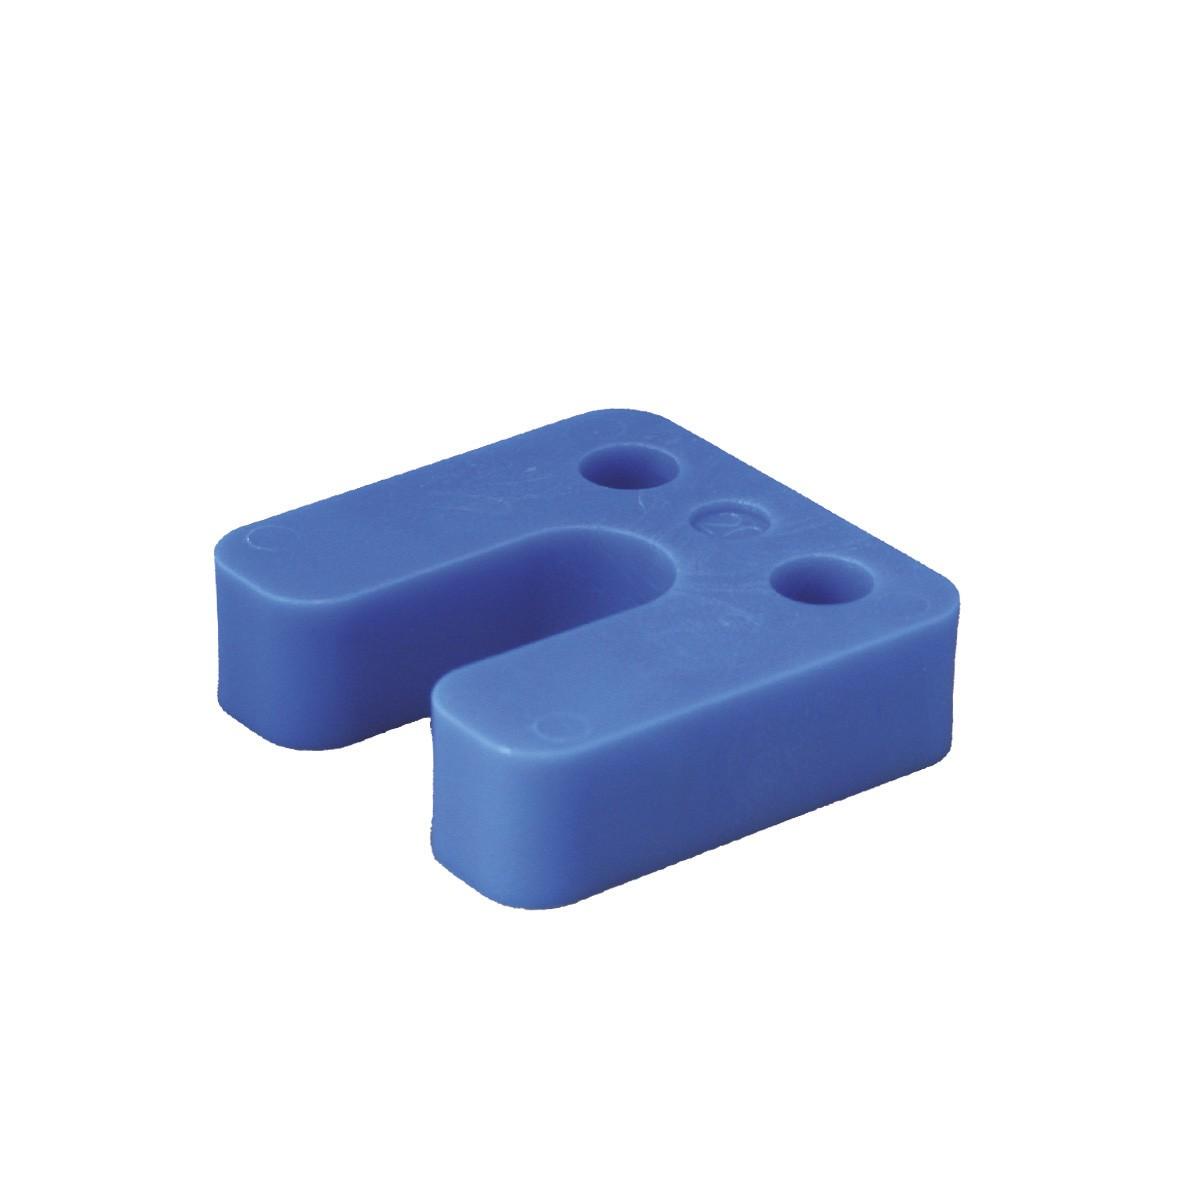 Drukplaat met sleuf blauw 20 70x70 KS